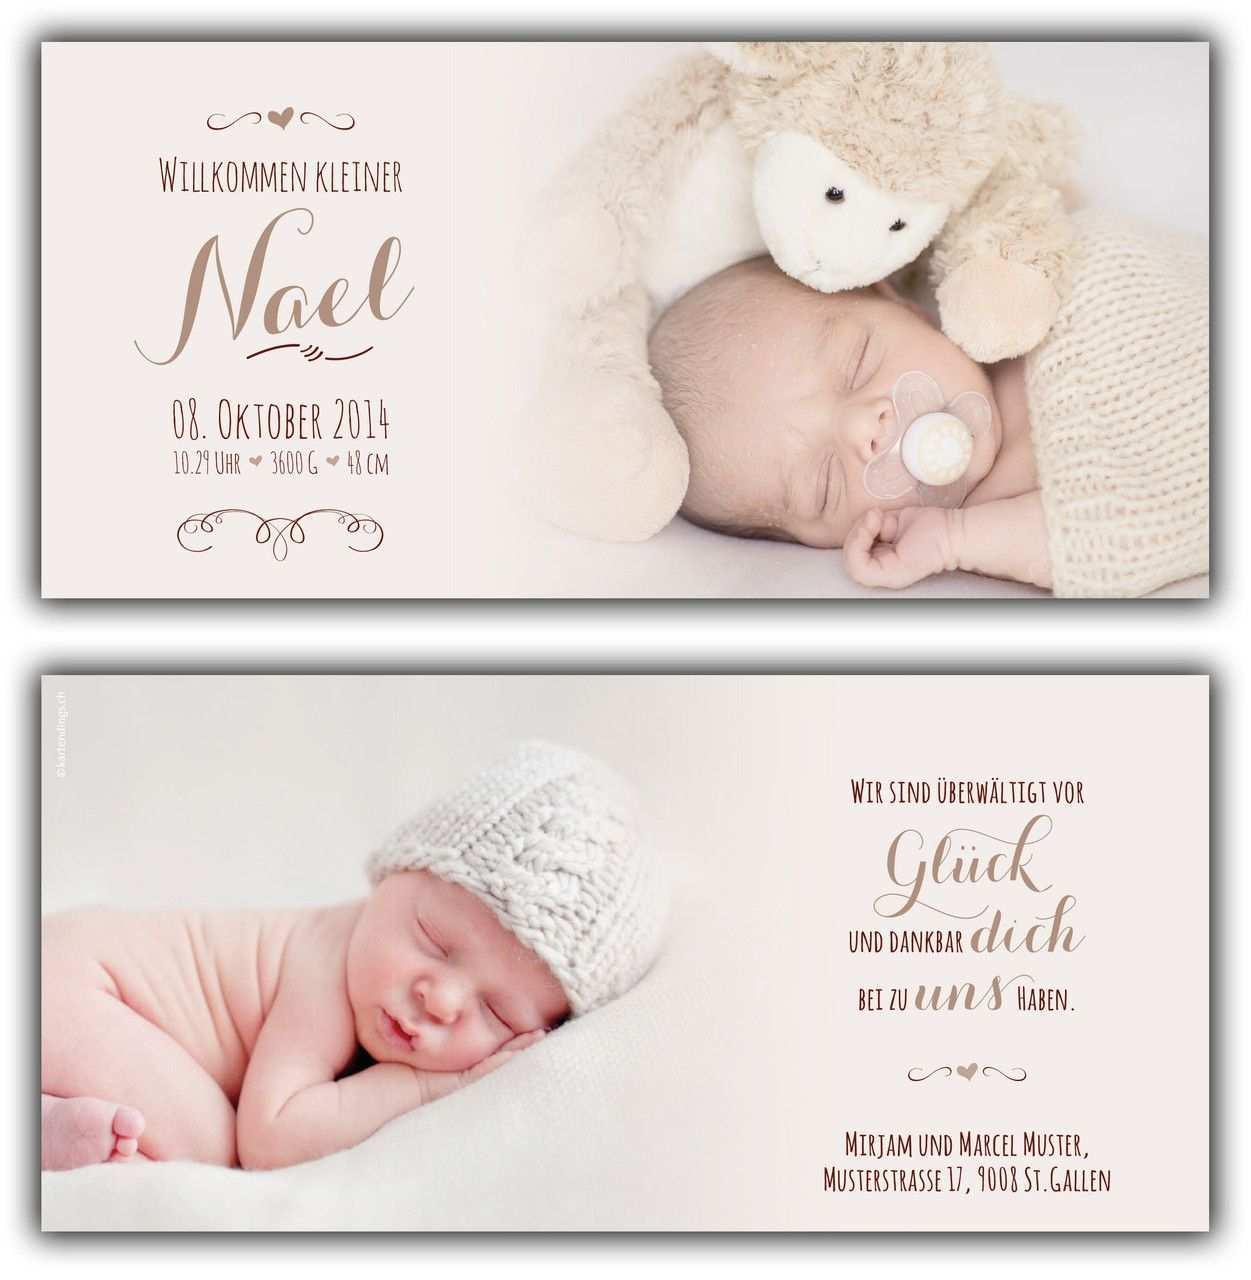 Nael Geburtskarte 210x100 Mm Karte Ist Auch In Ihrer Wunschfarbe Erhaltlich C Fotos Http Www Corinnec Geburtskarten Geburtskarten Baby Geburtsanzeige